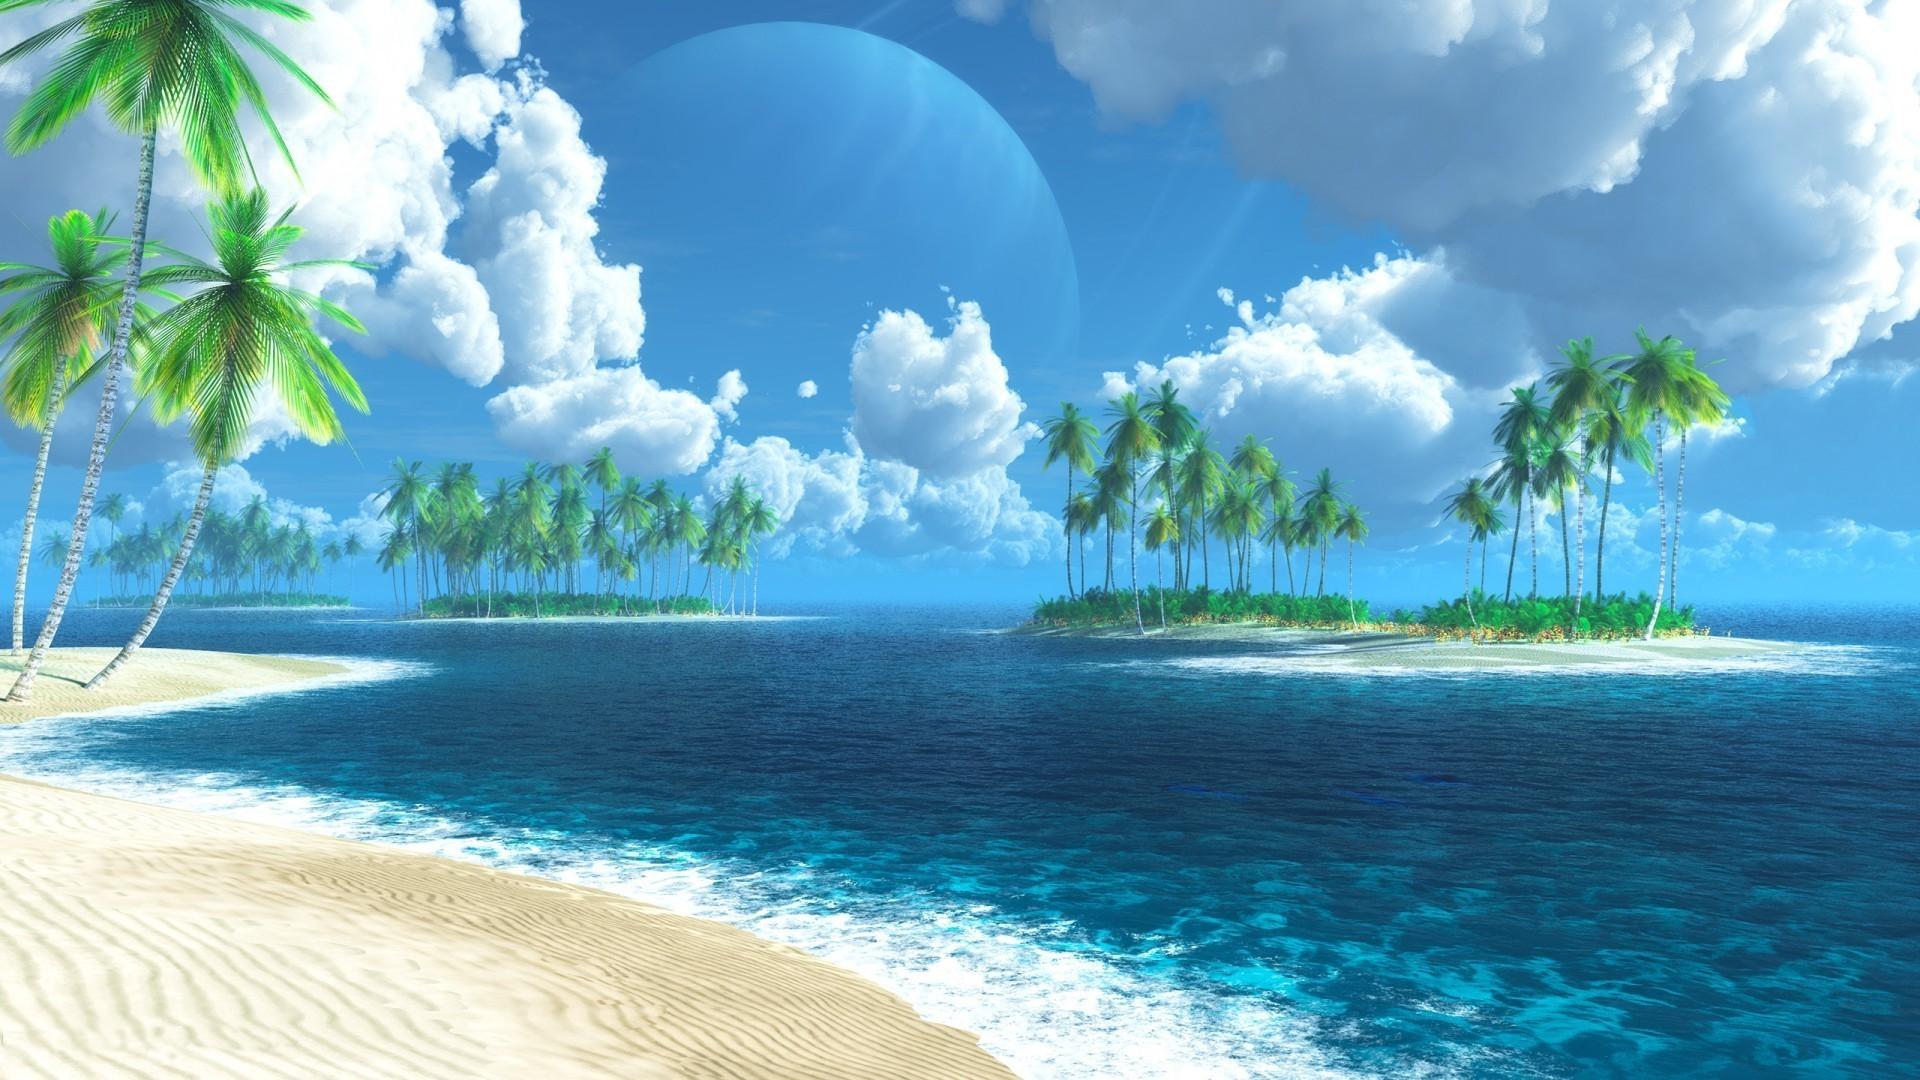 Курорт море в хорошем качестве